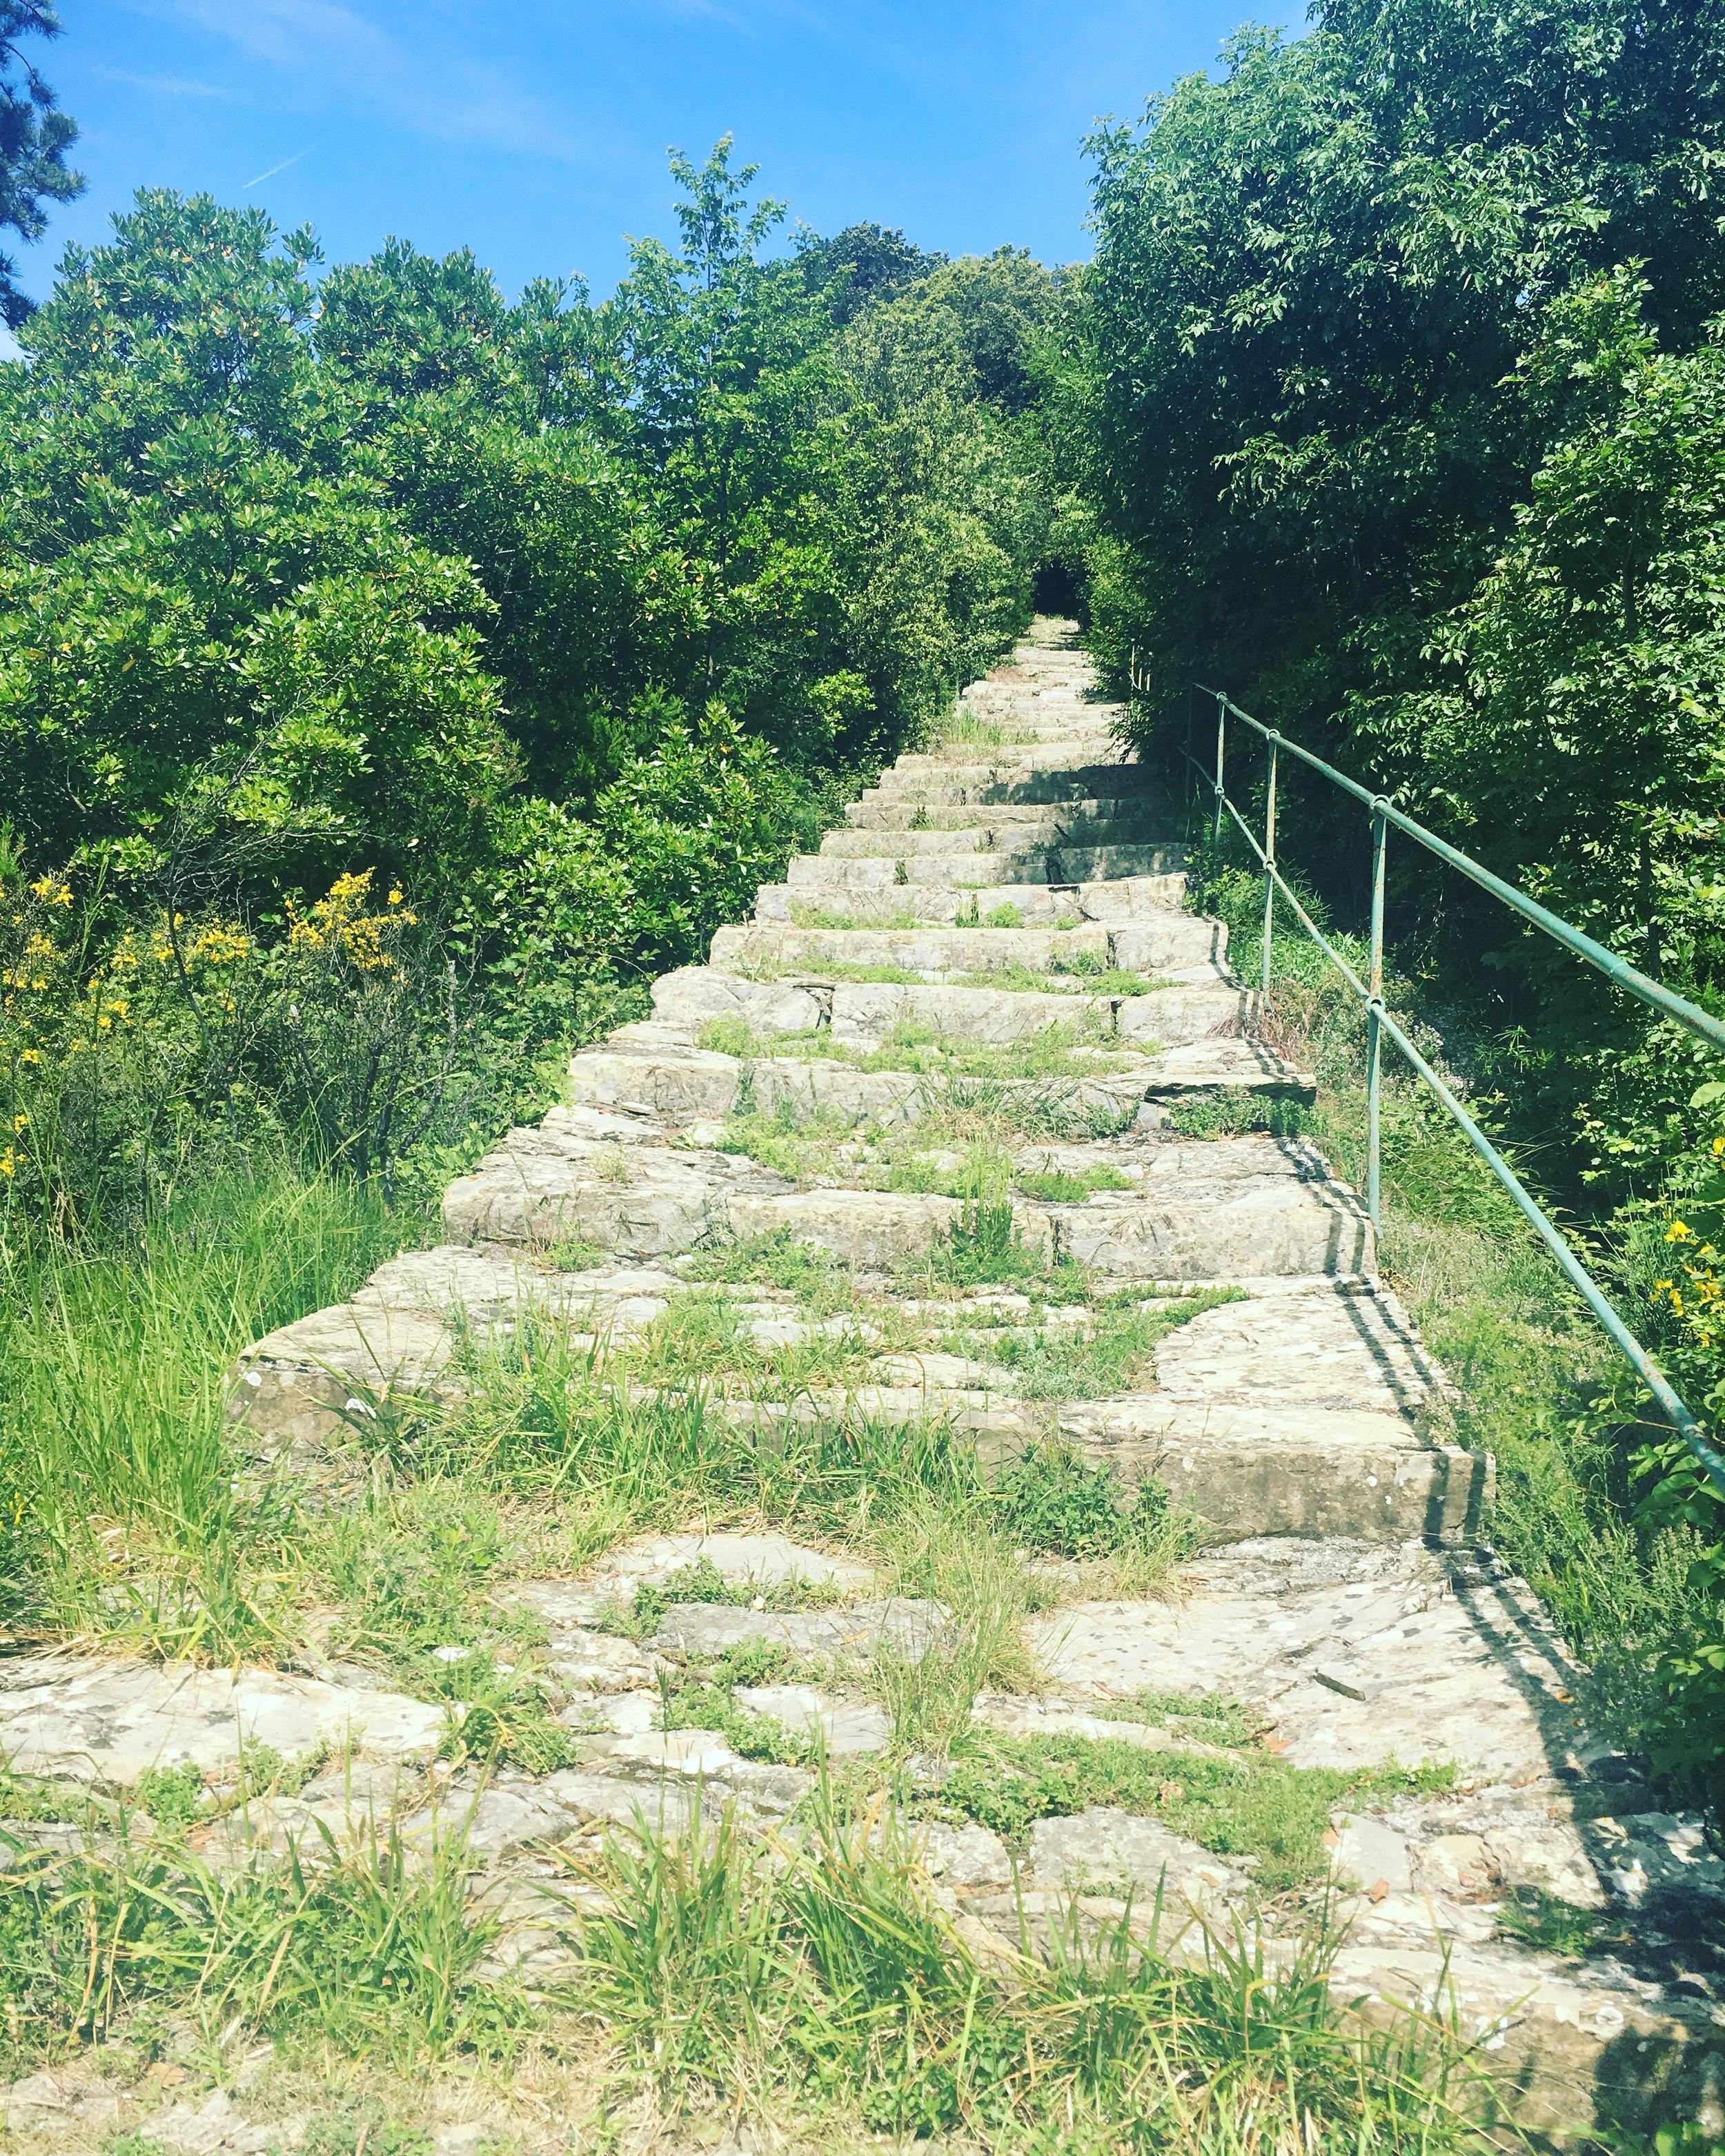 The final staircase leading to the summit of Santuario della Madonna di Caravaggio